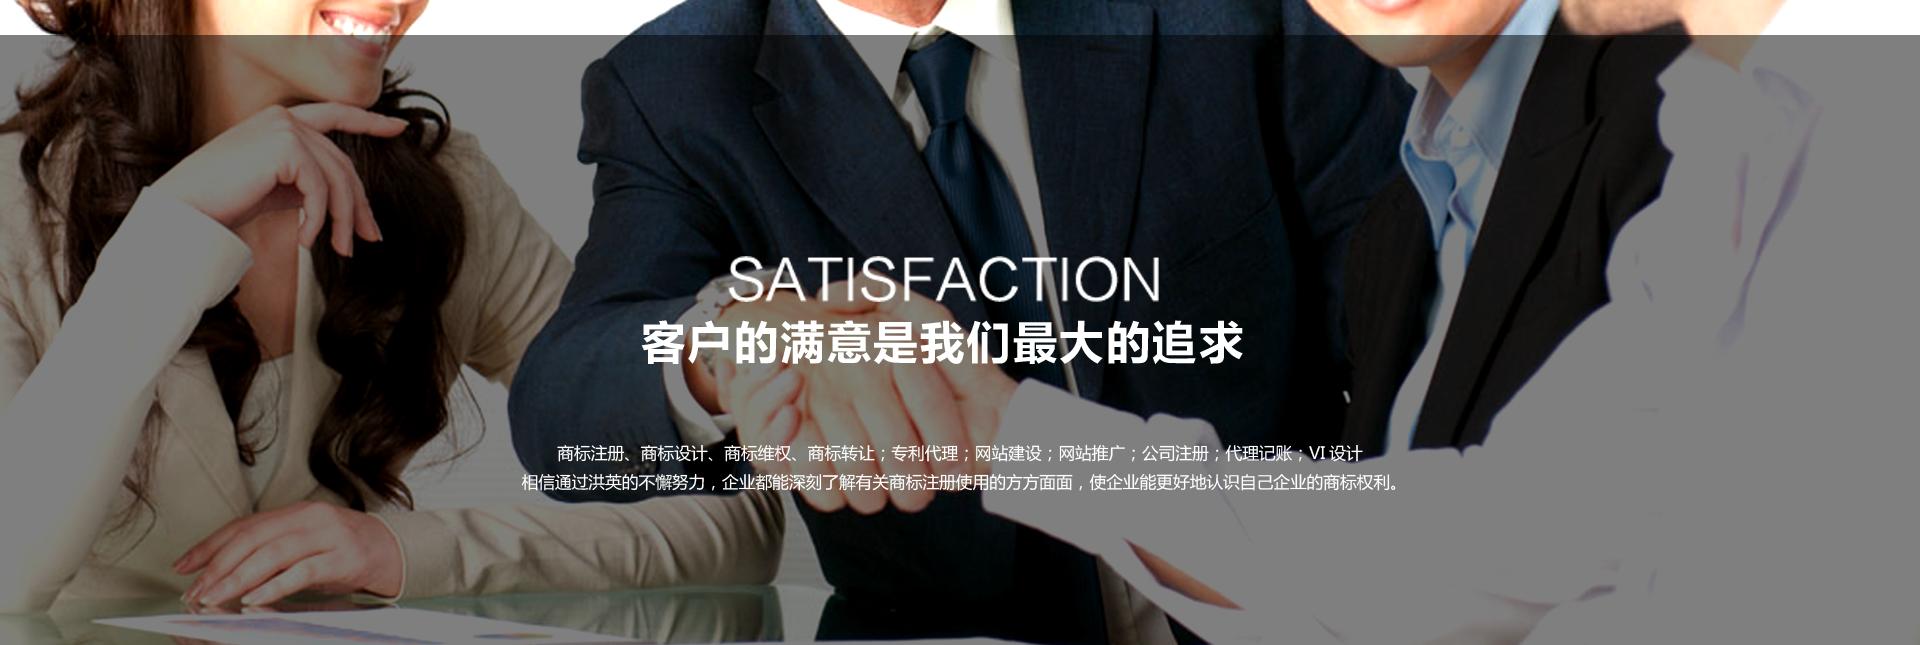 惠州市乐虎国际66商标代理有限公司